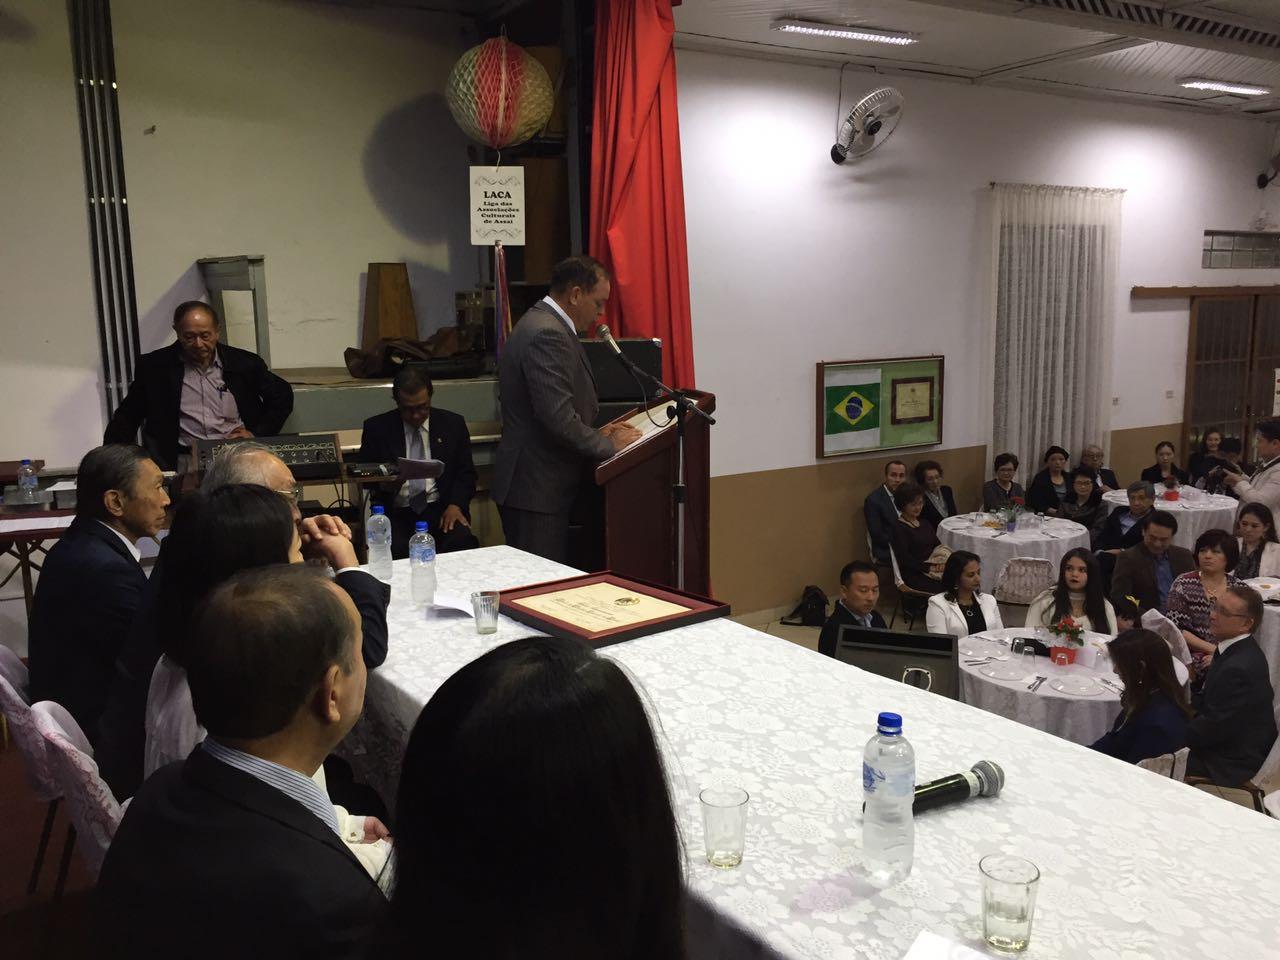 Fotos Sessão Solene de Entrega de Titulo de Cidadão Emérito de Assaí aos Senhores Mário Hirakuri e Takeo Tsumanuma